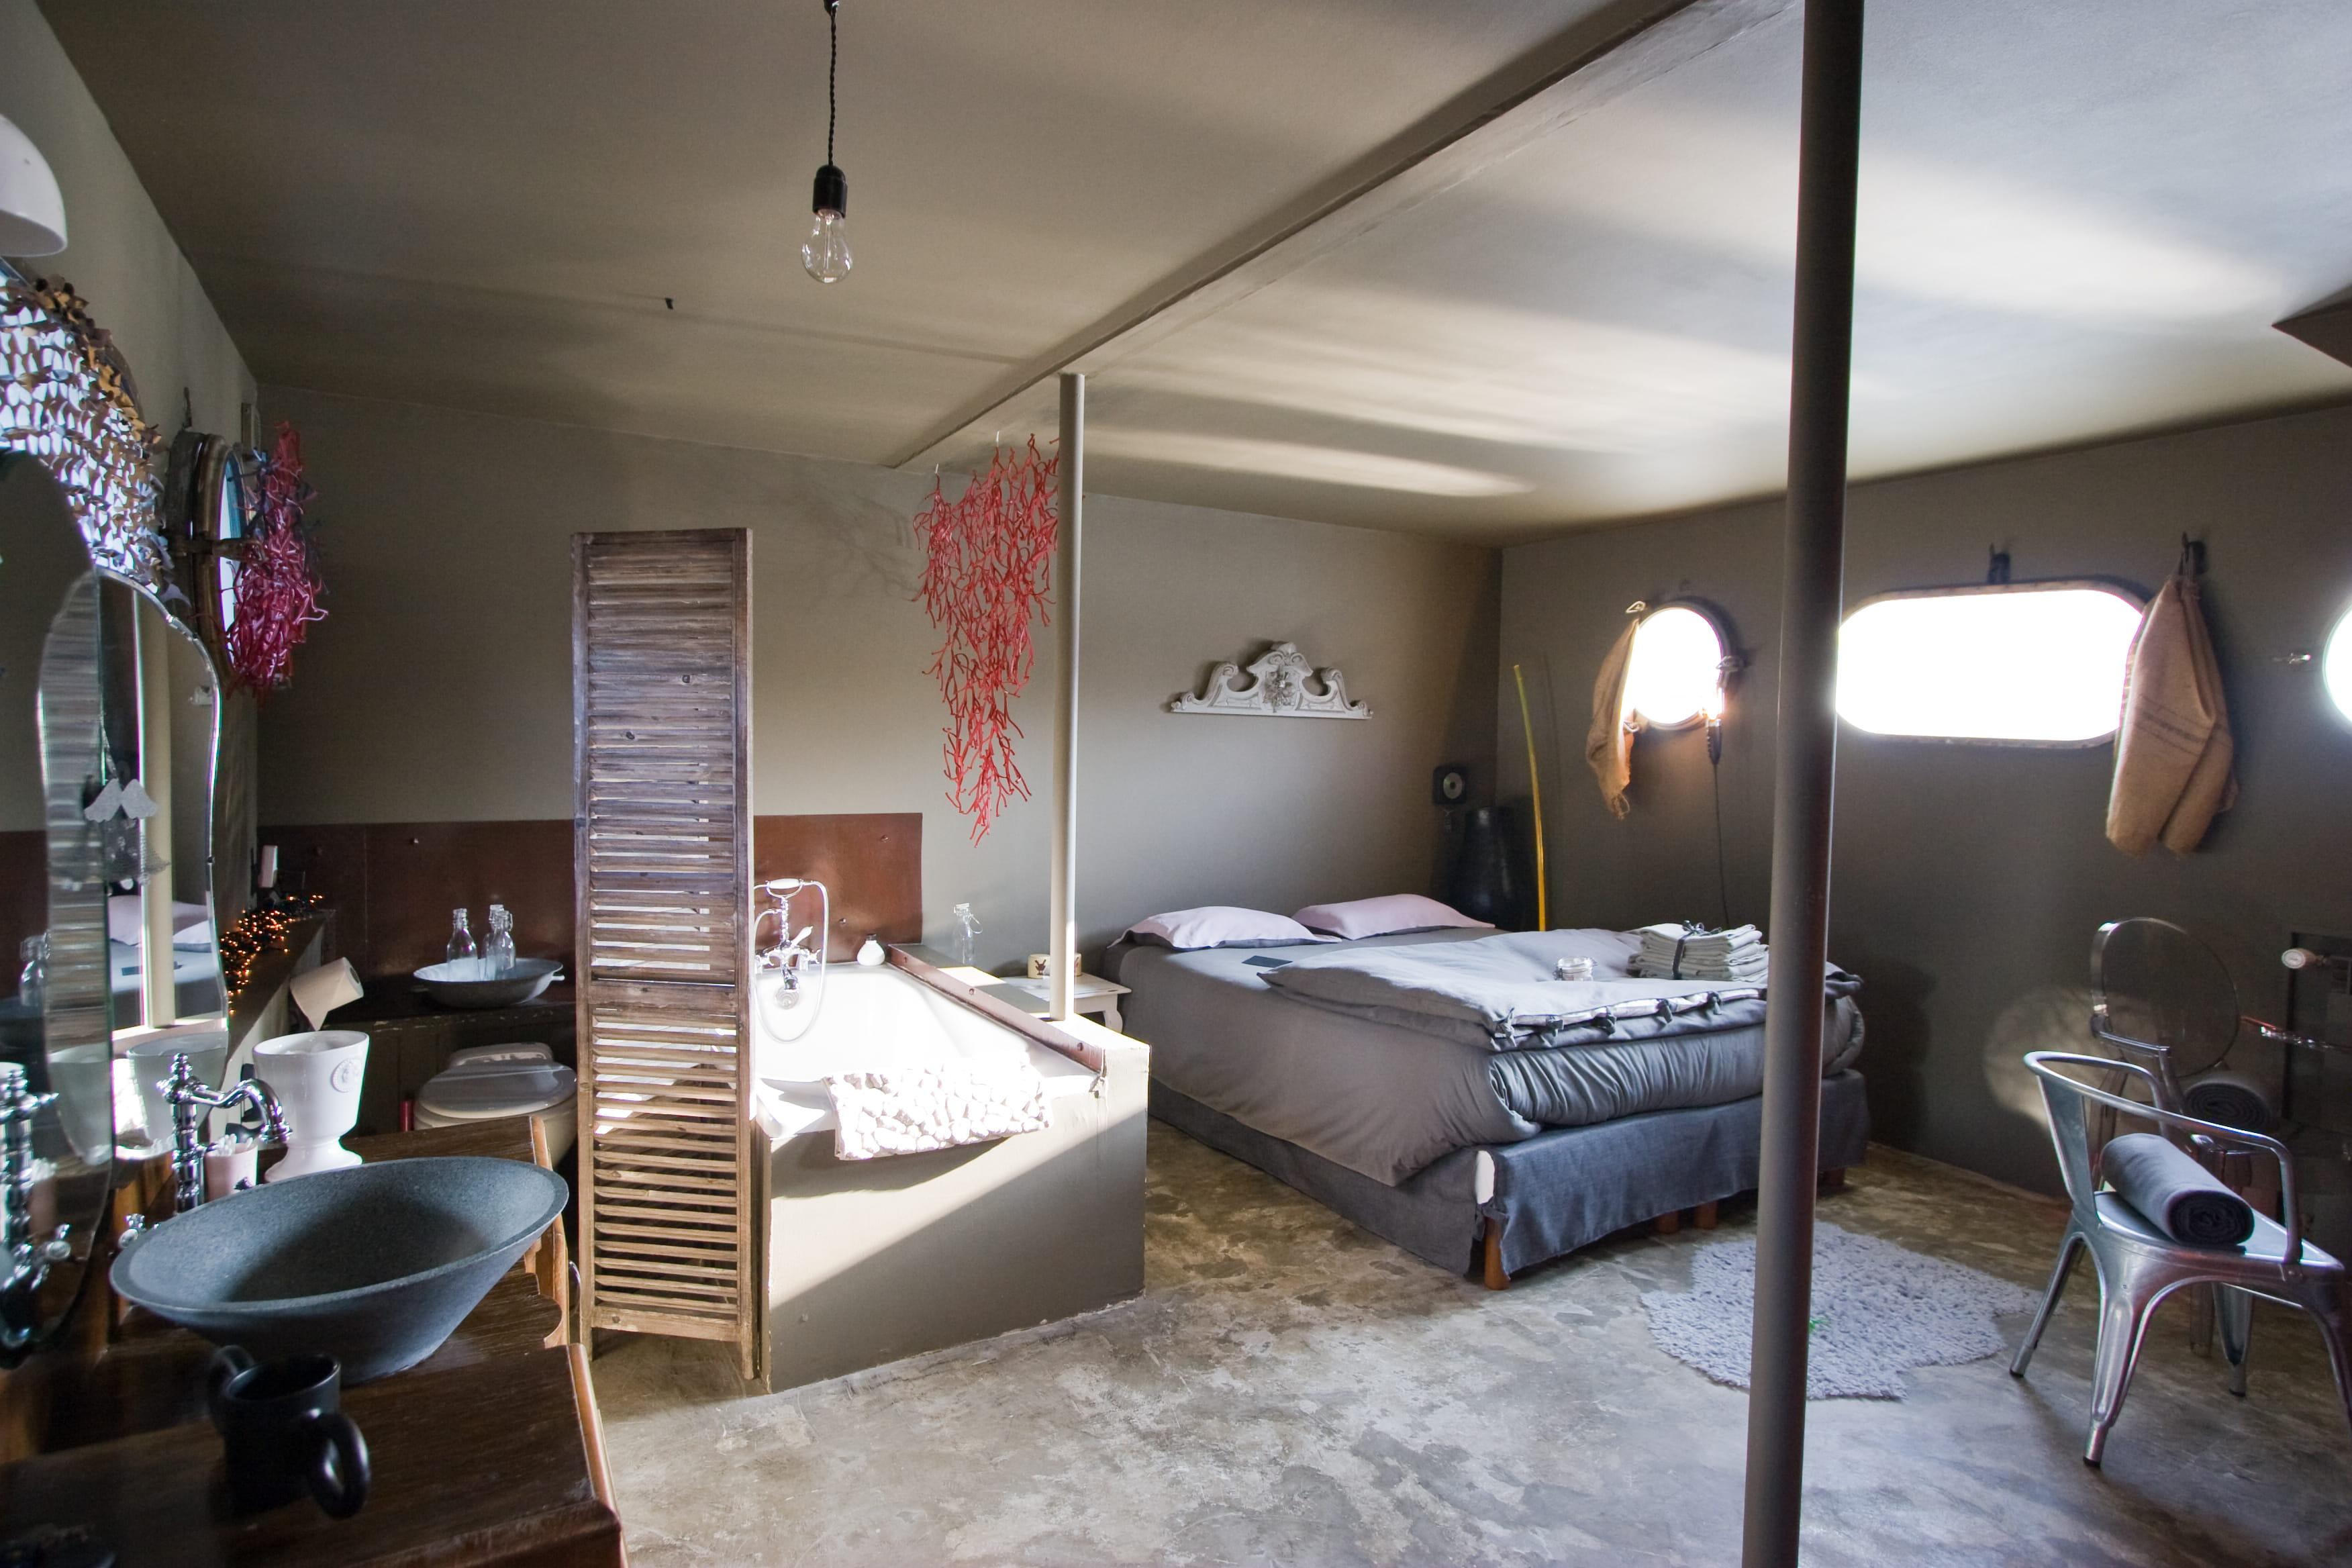 10 trucs pour relooker sa salle de bains sans se ruiner - Paravent Salle De Bain